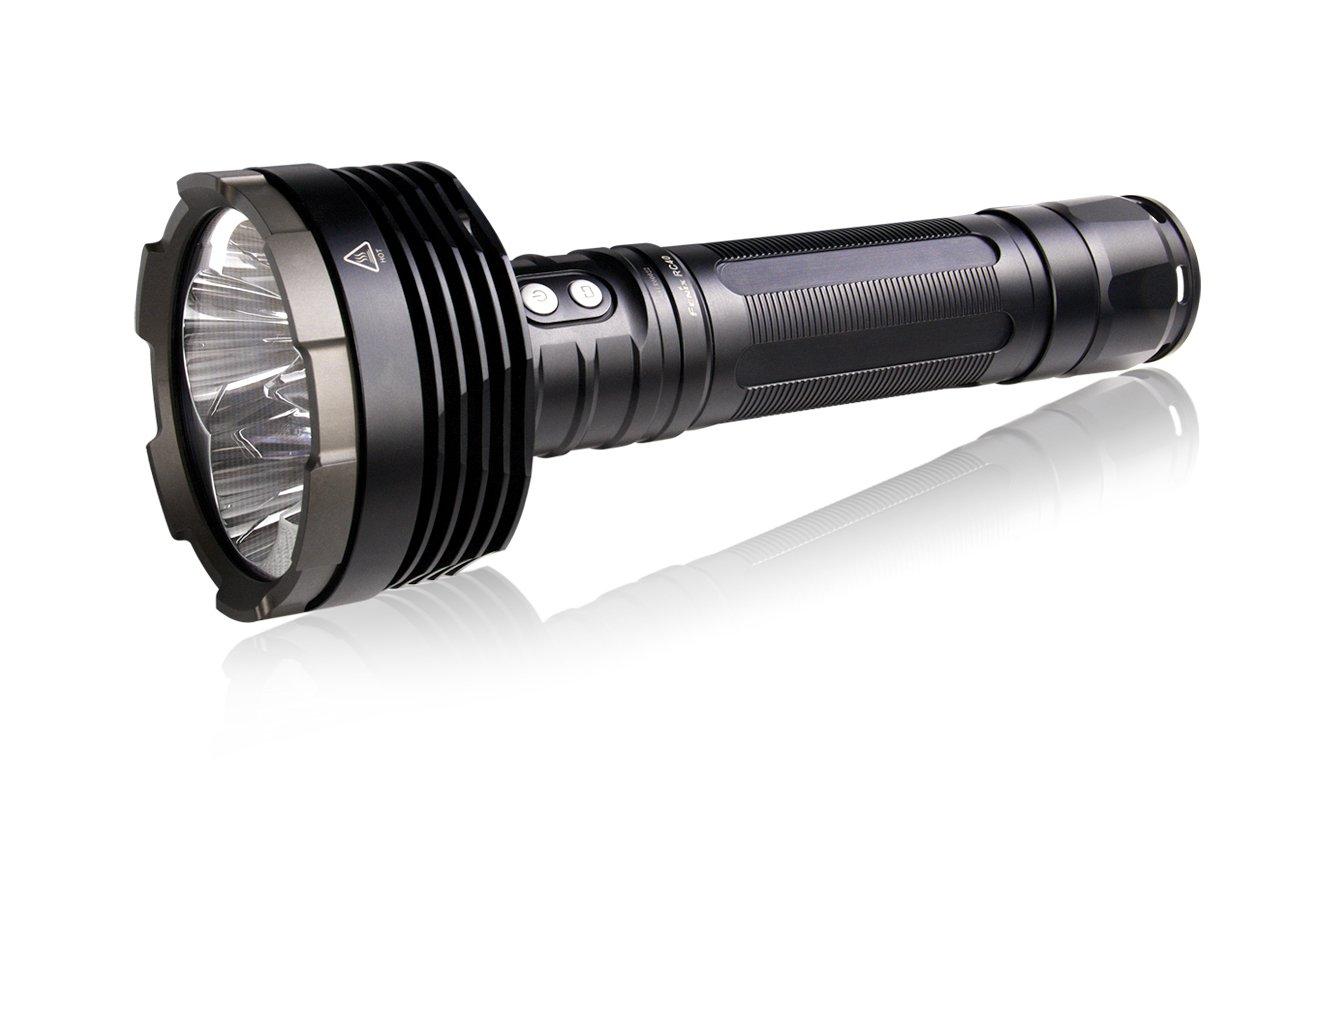 Fenix RC40 LED Taschenlampe (Taschenlampe, Schwarz, Aluminium, IPX8, 50000 H)